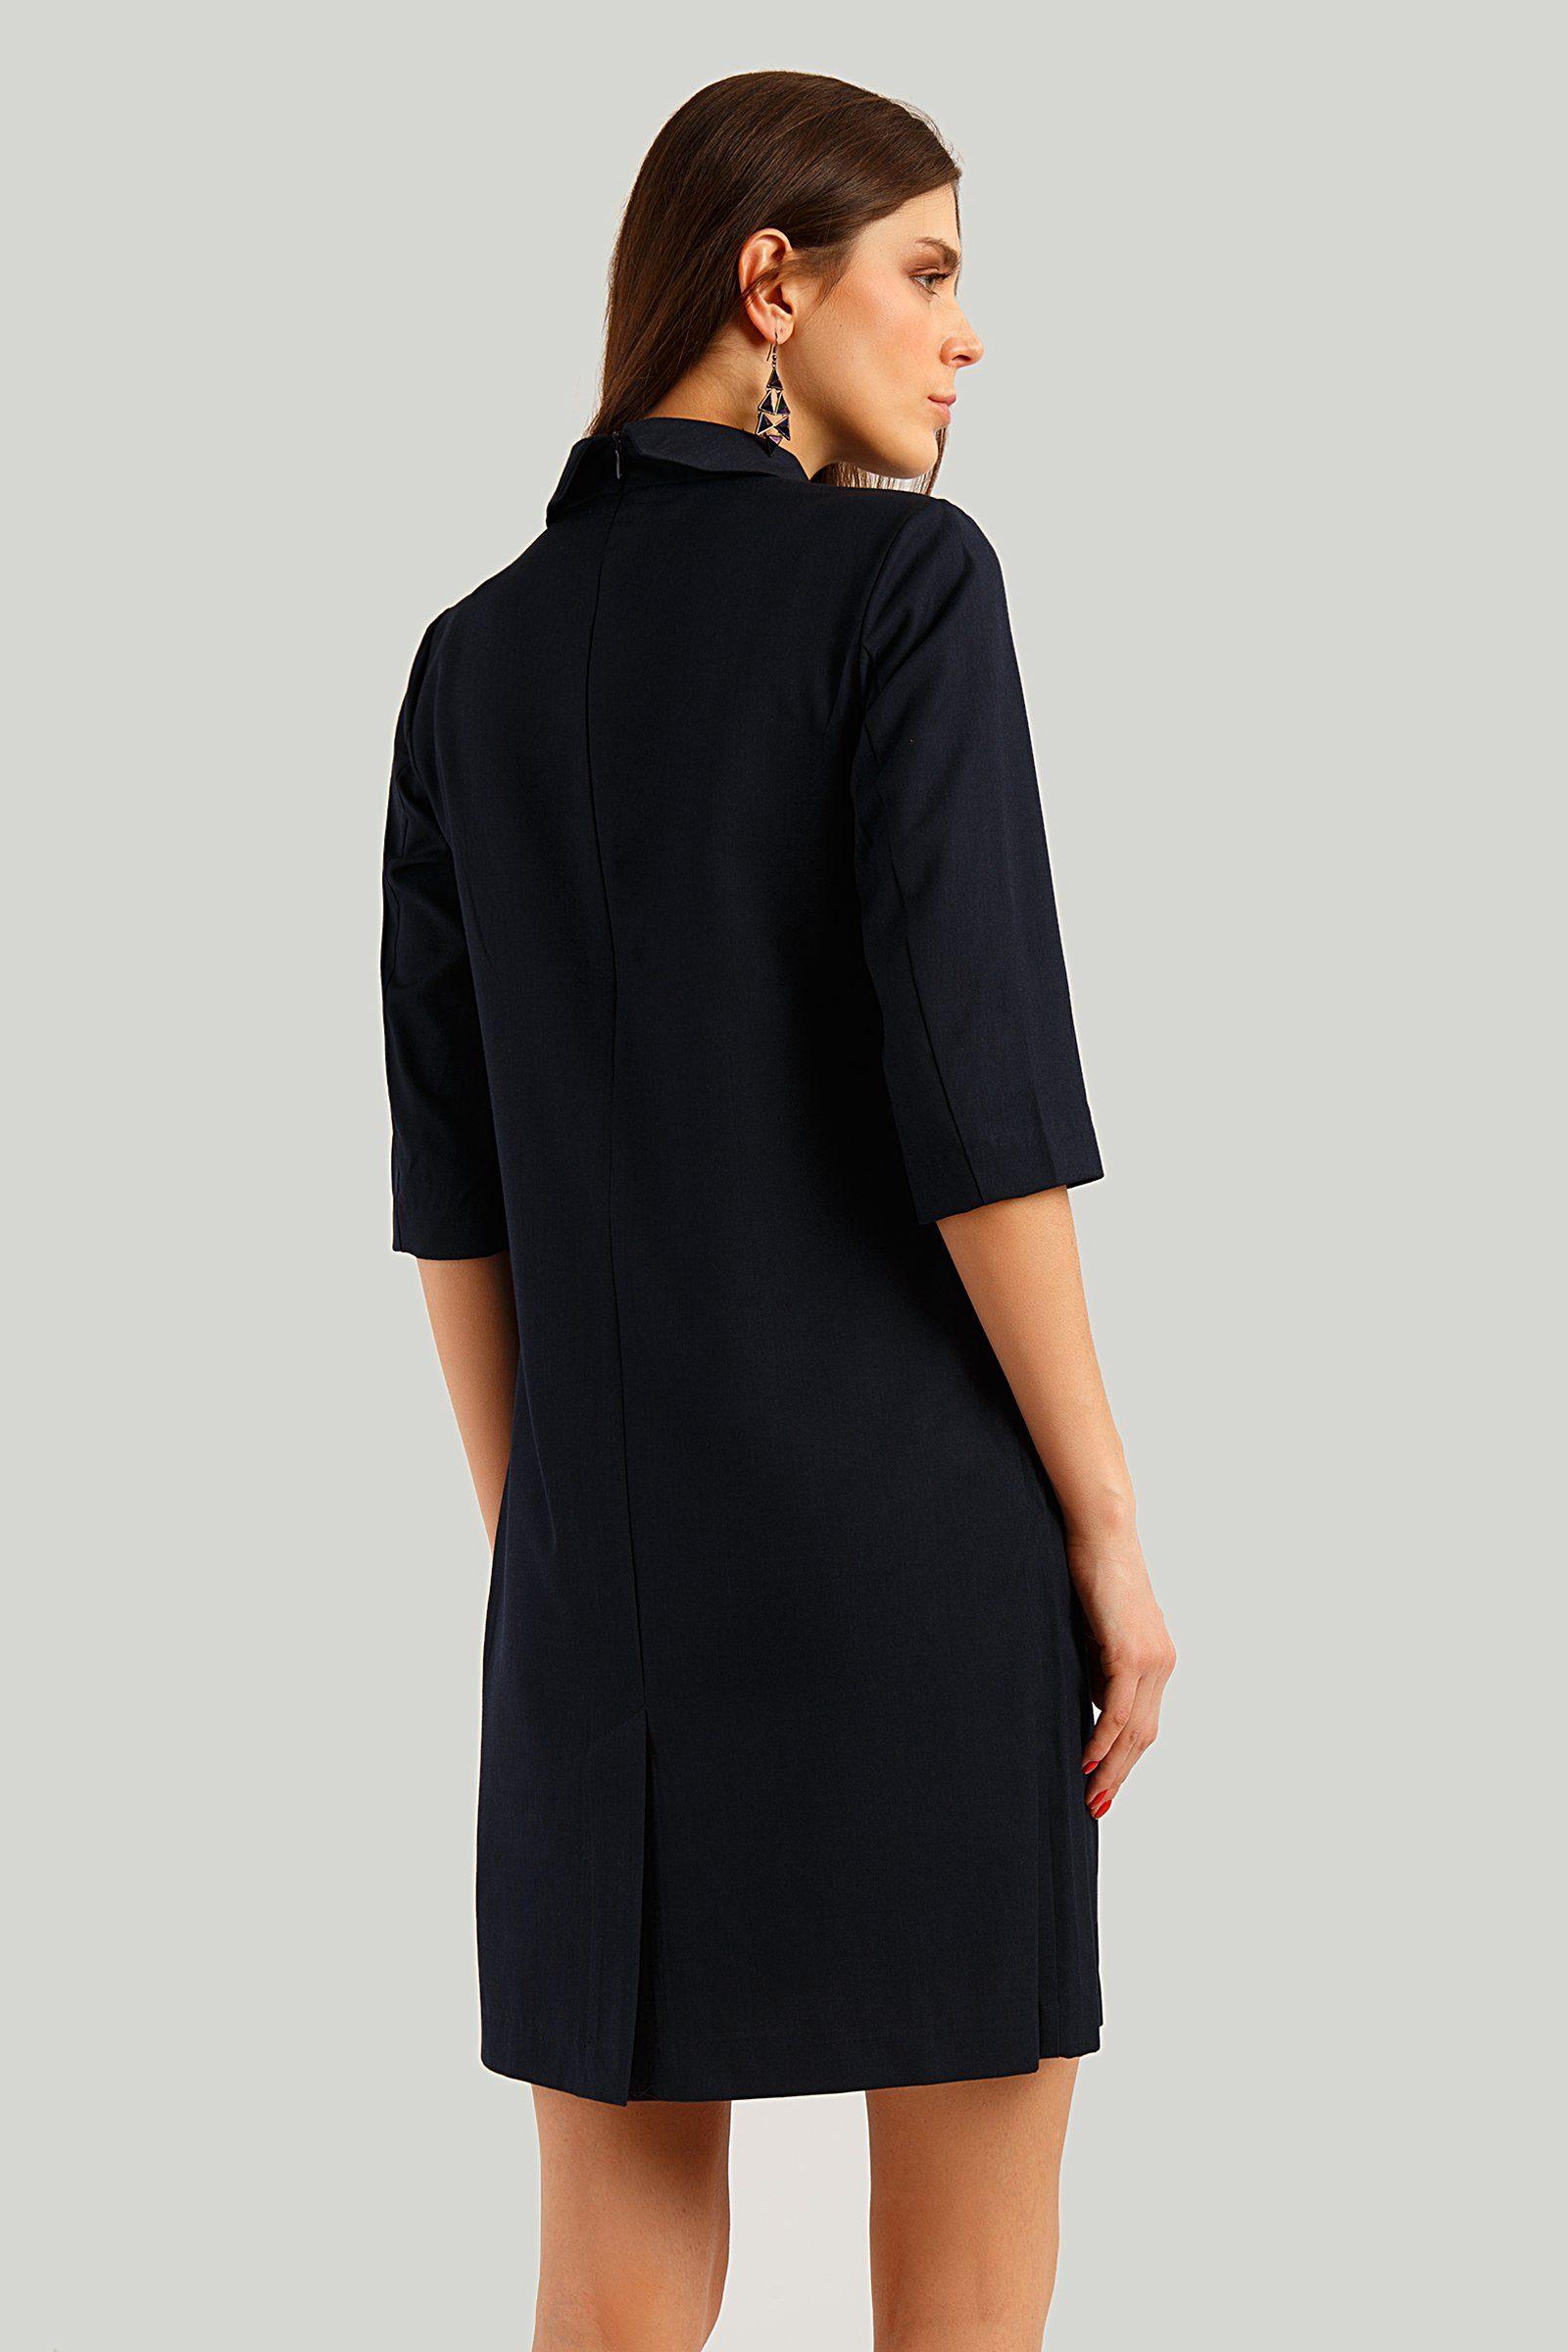 Finn Flare Jerseykleid mit halbem Arm, Einfarbiges Kleid mit zeitlosem Design von Finn Flare TDqxR3